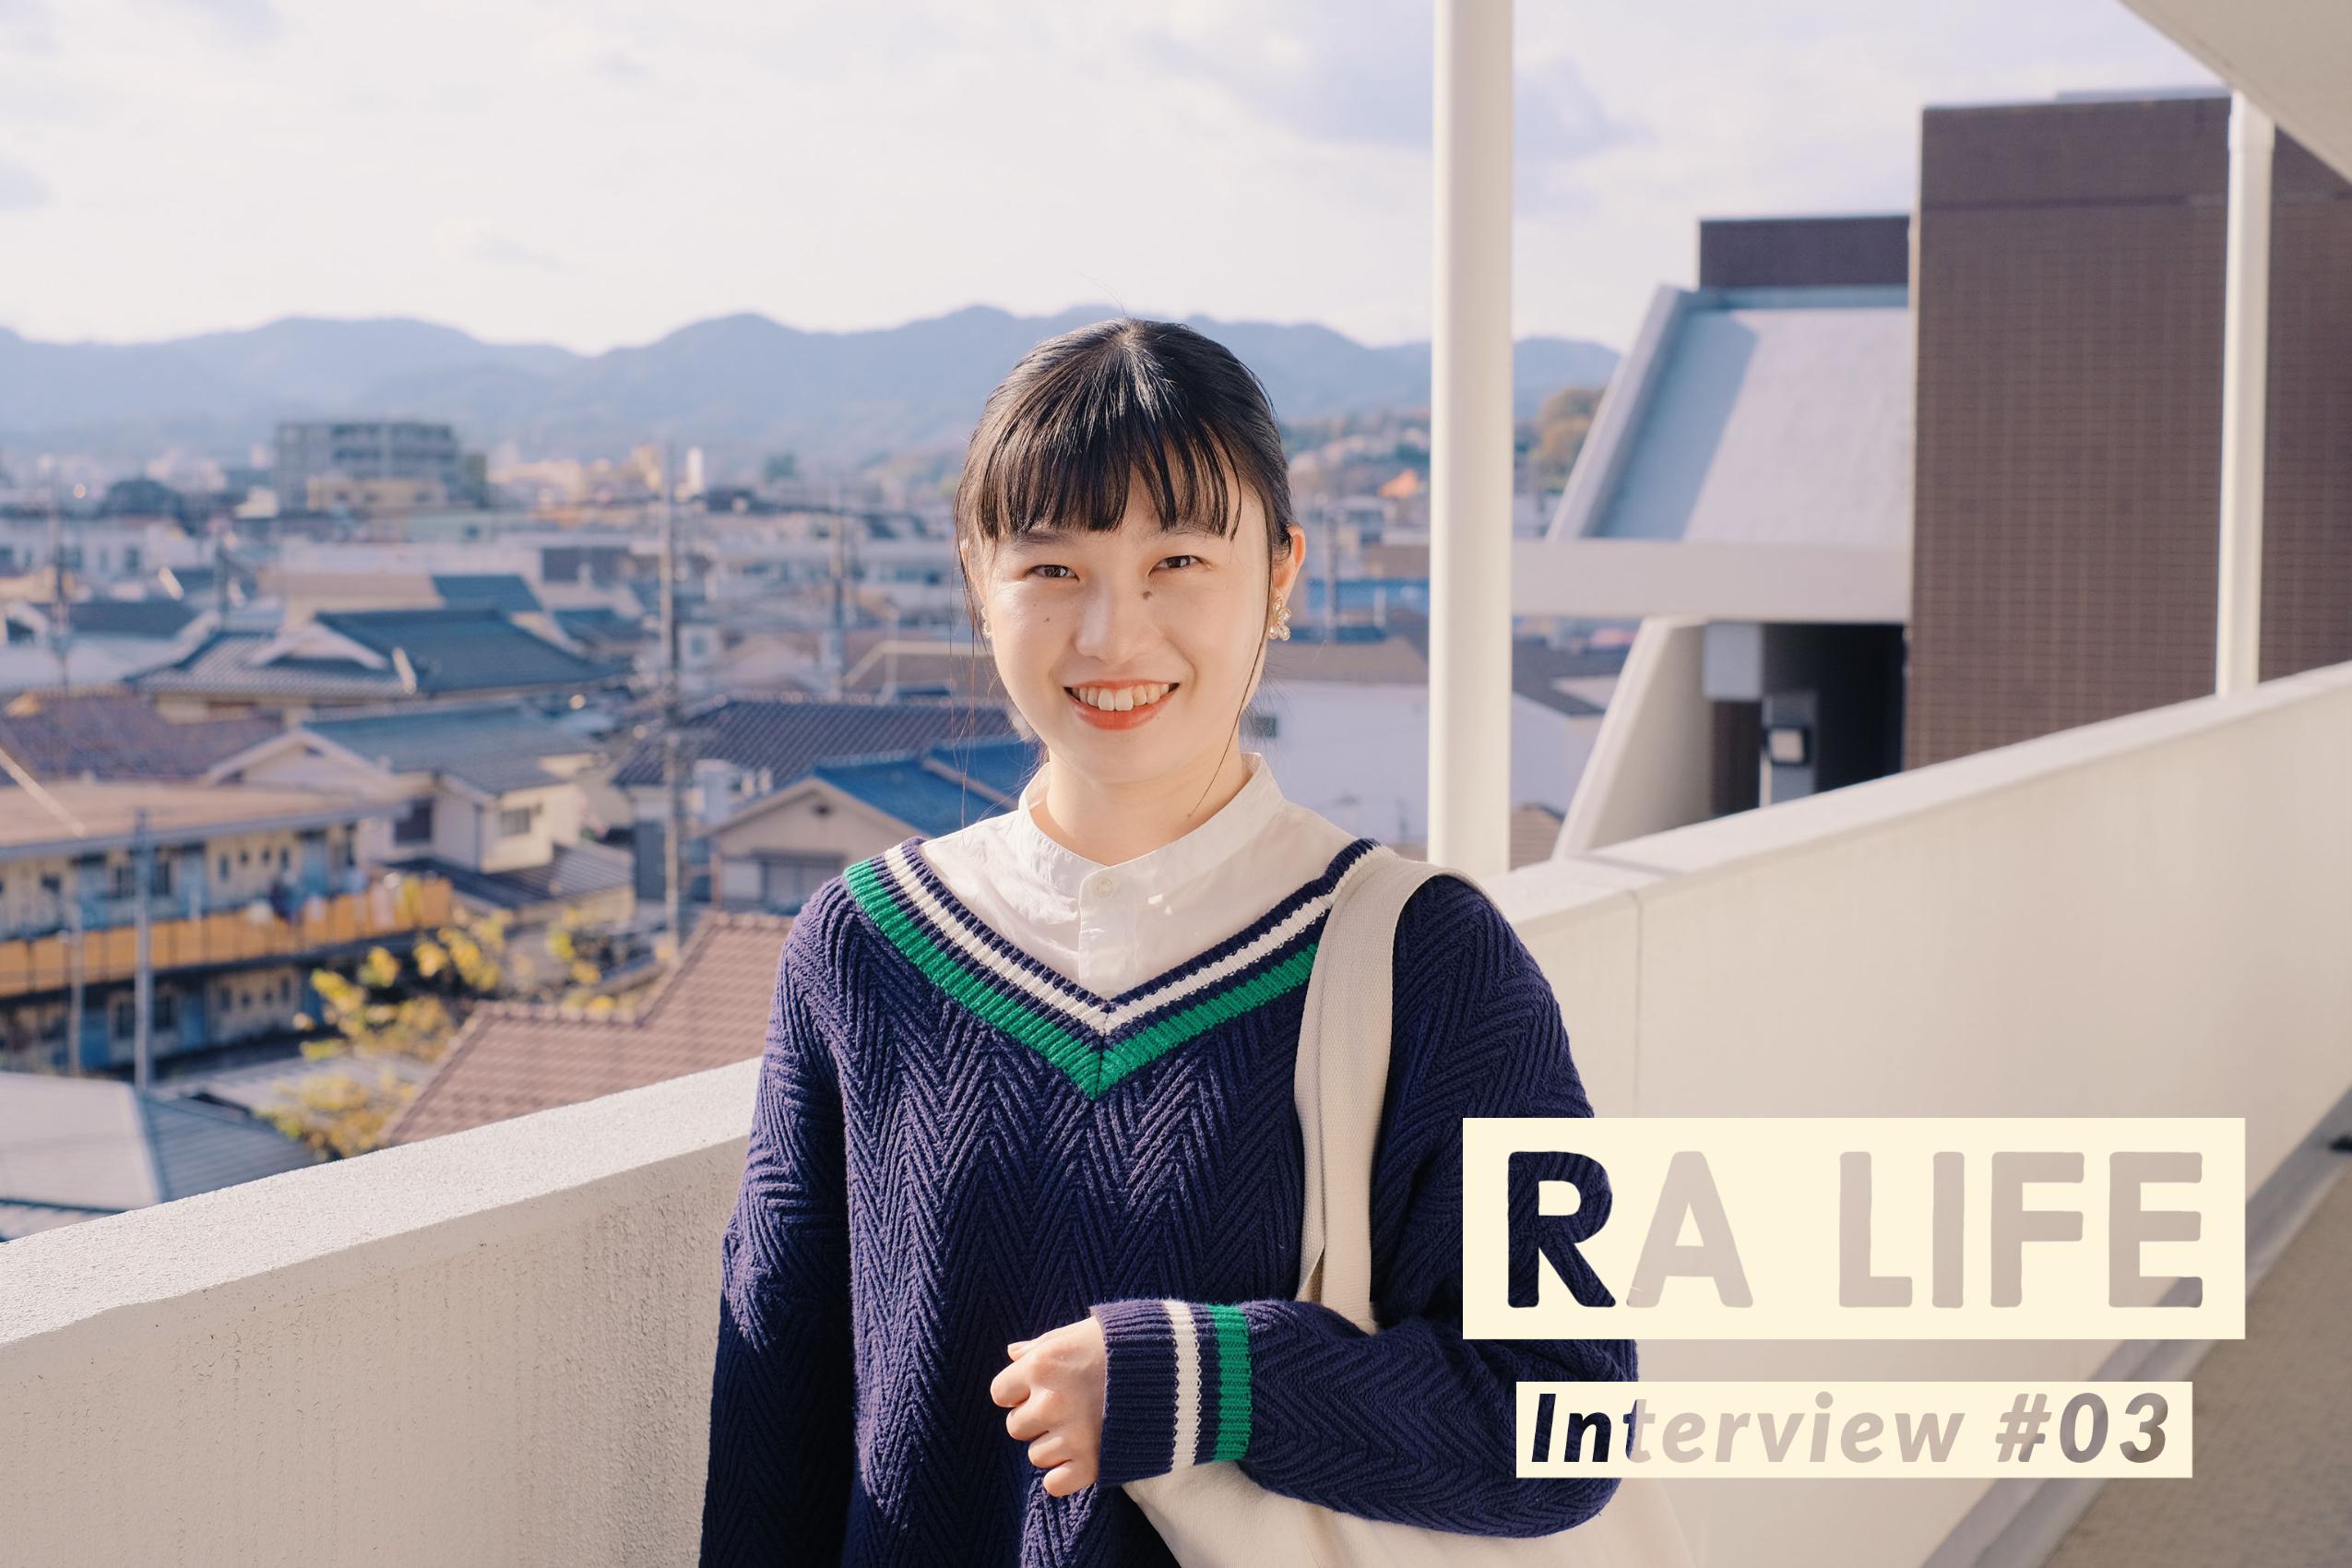 「私を変えてくれた寮と仲間。」RA Life #03 法政大学 真友子さん